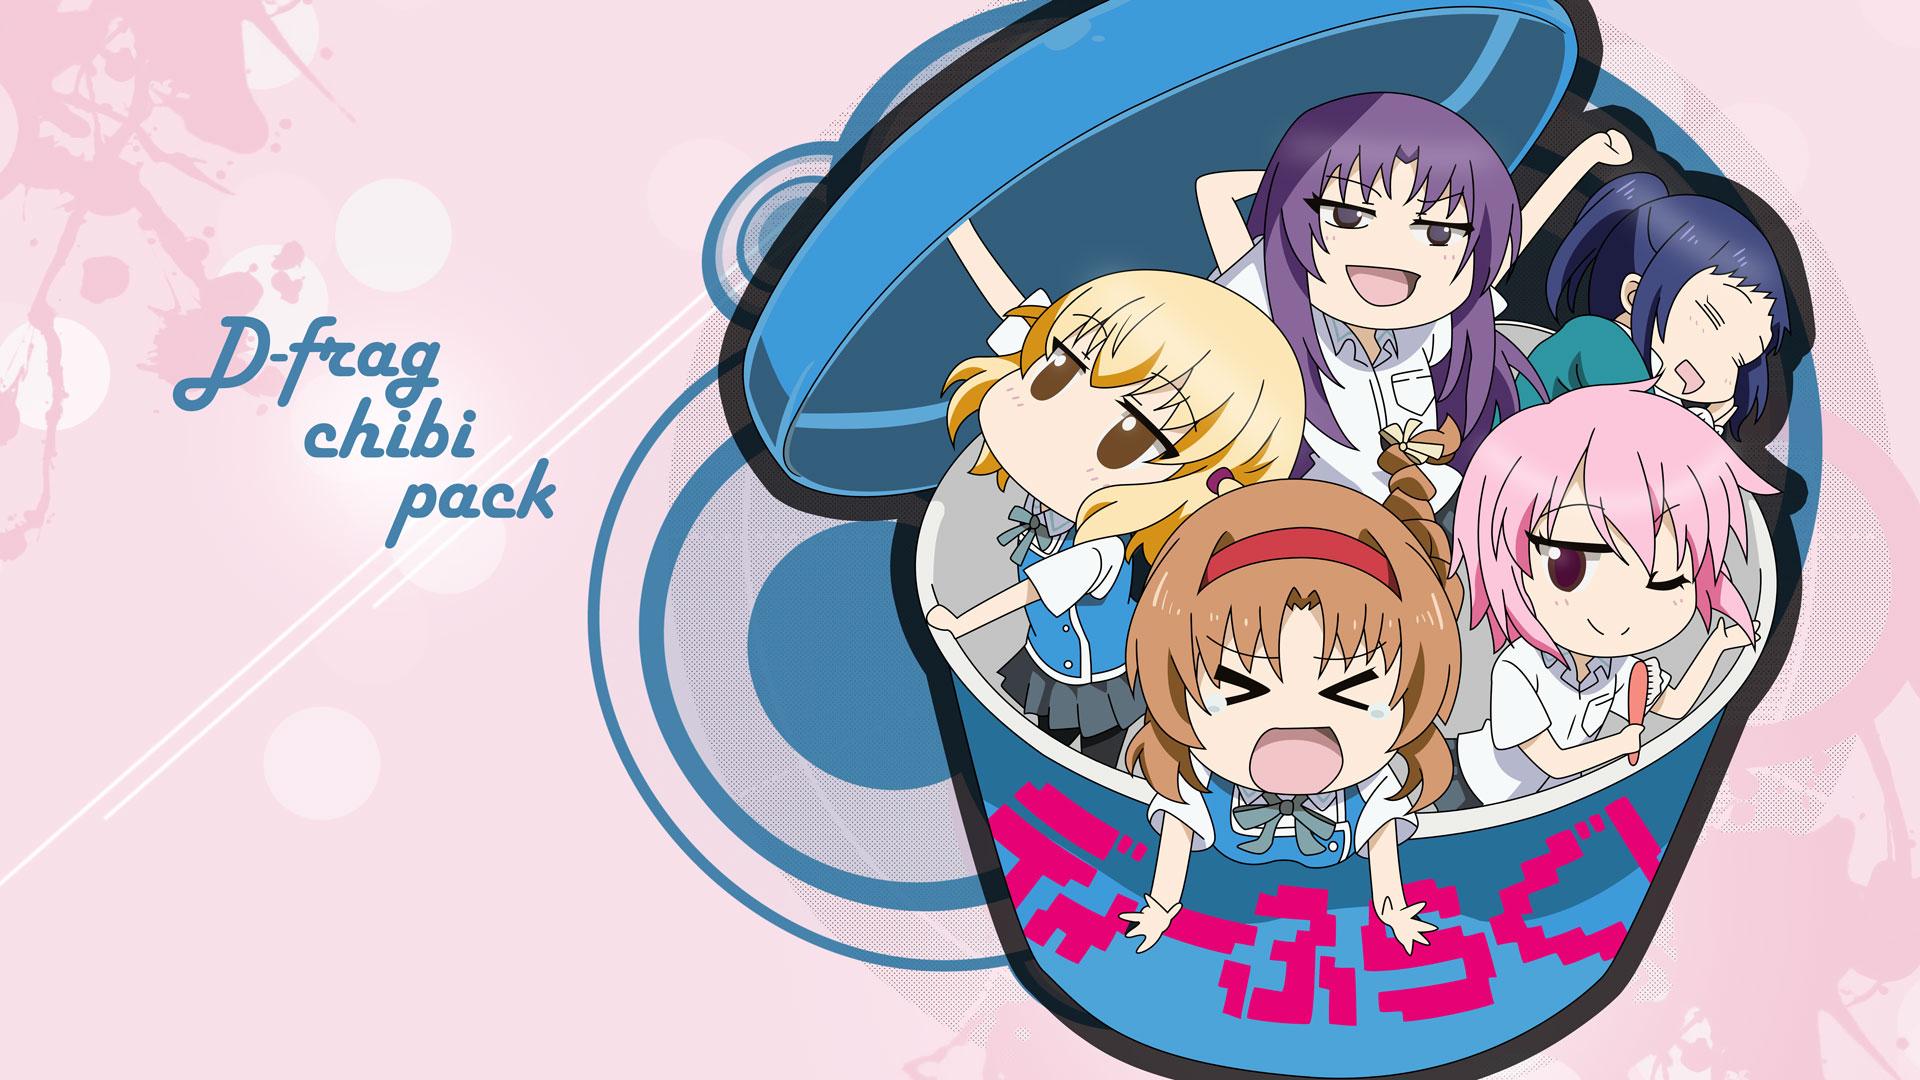 Chibi Pack HD Wallpaper